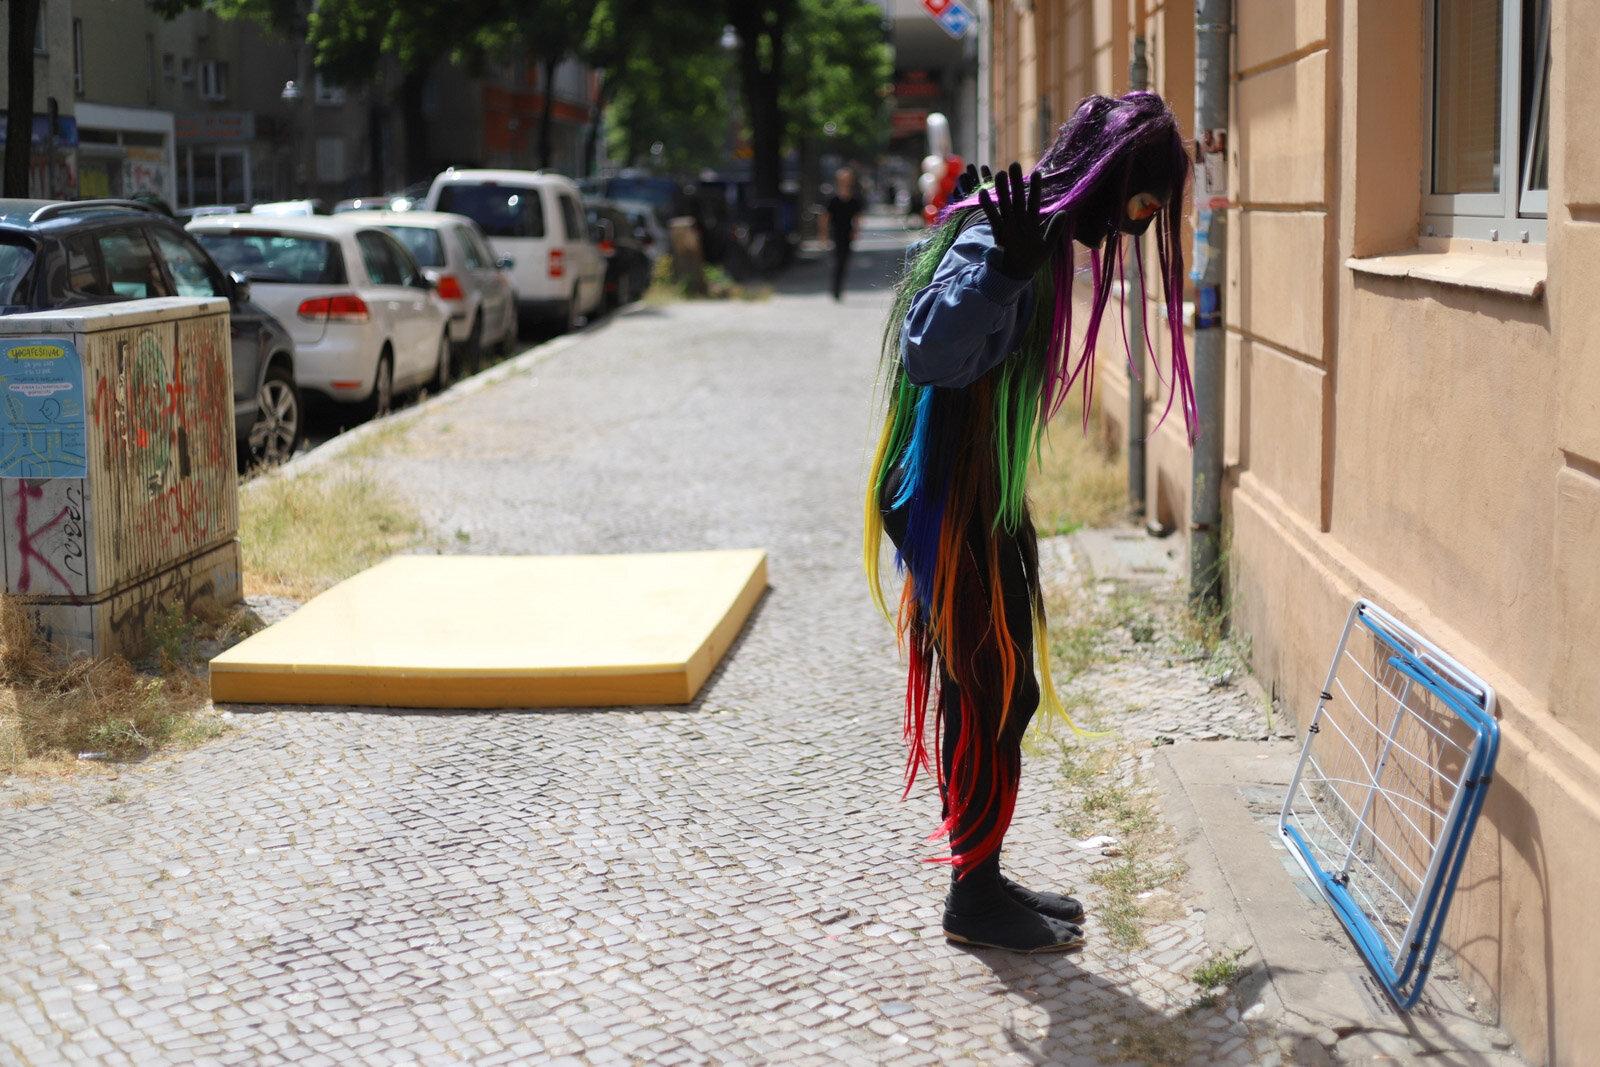 可持续发展-时尚-安装-柏林- 15. - jpg